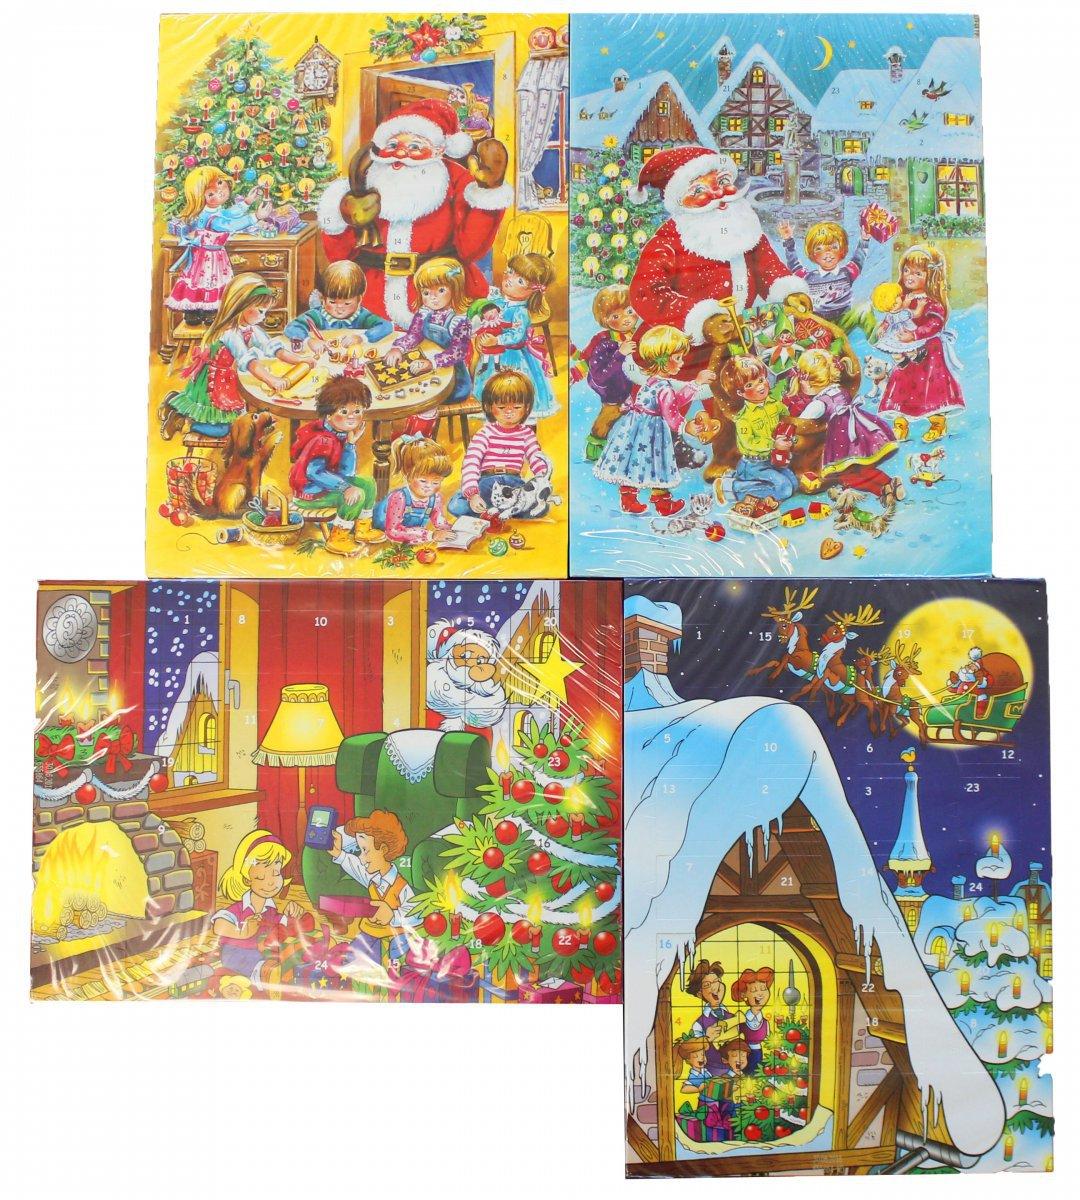 Schokoladen Weihnachtskalender.Chocolate Advents Calendar Schokoladen Adventskalender Pack Of 4